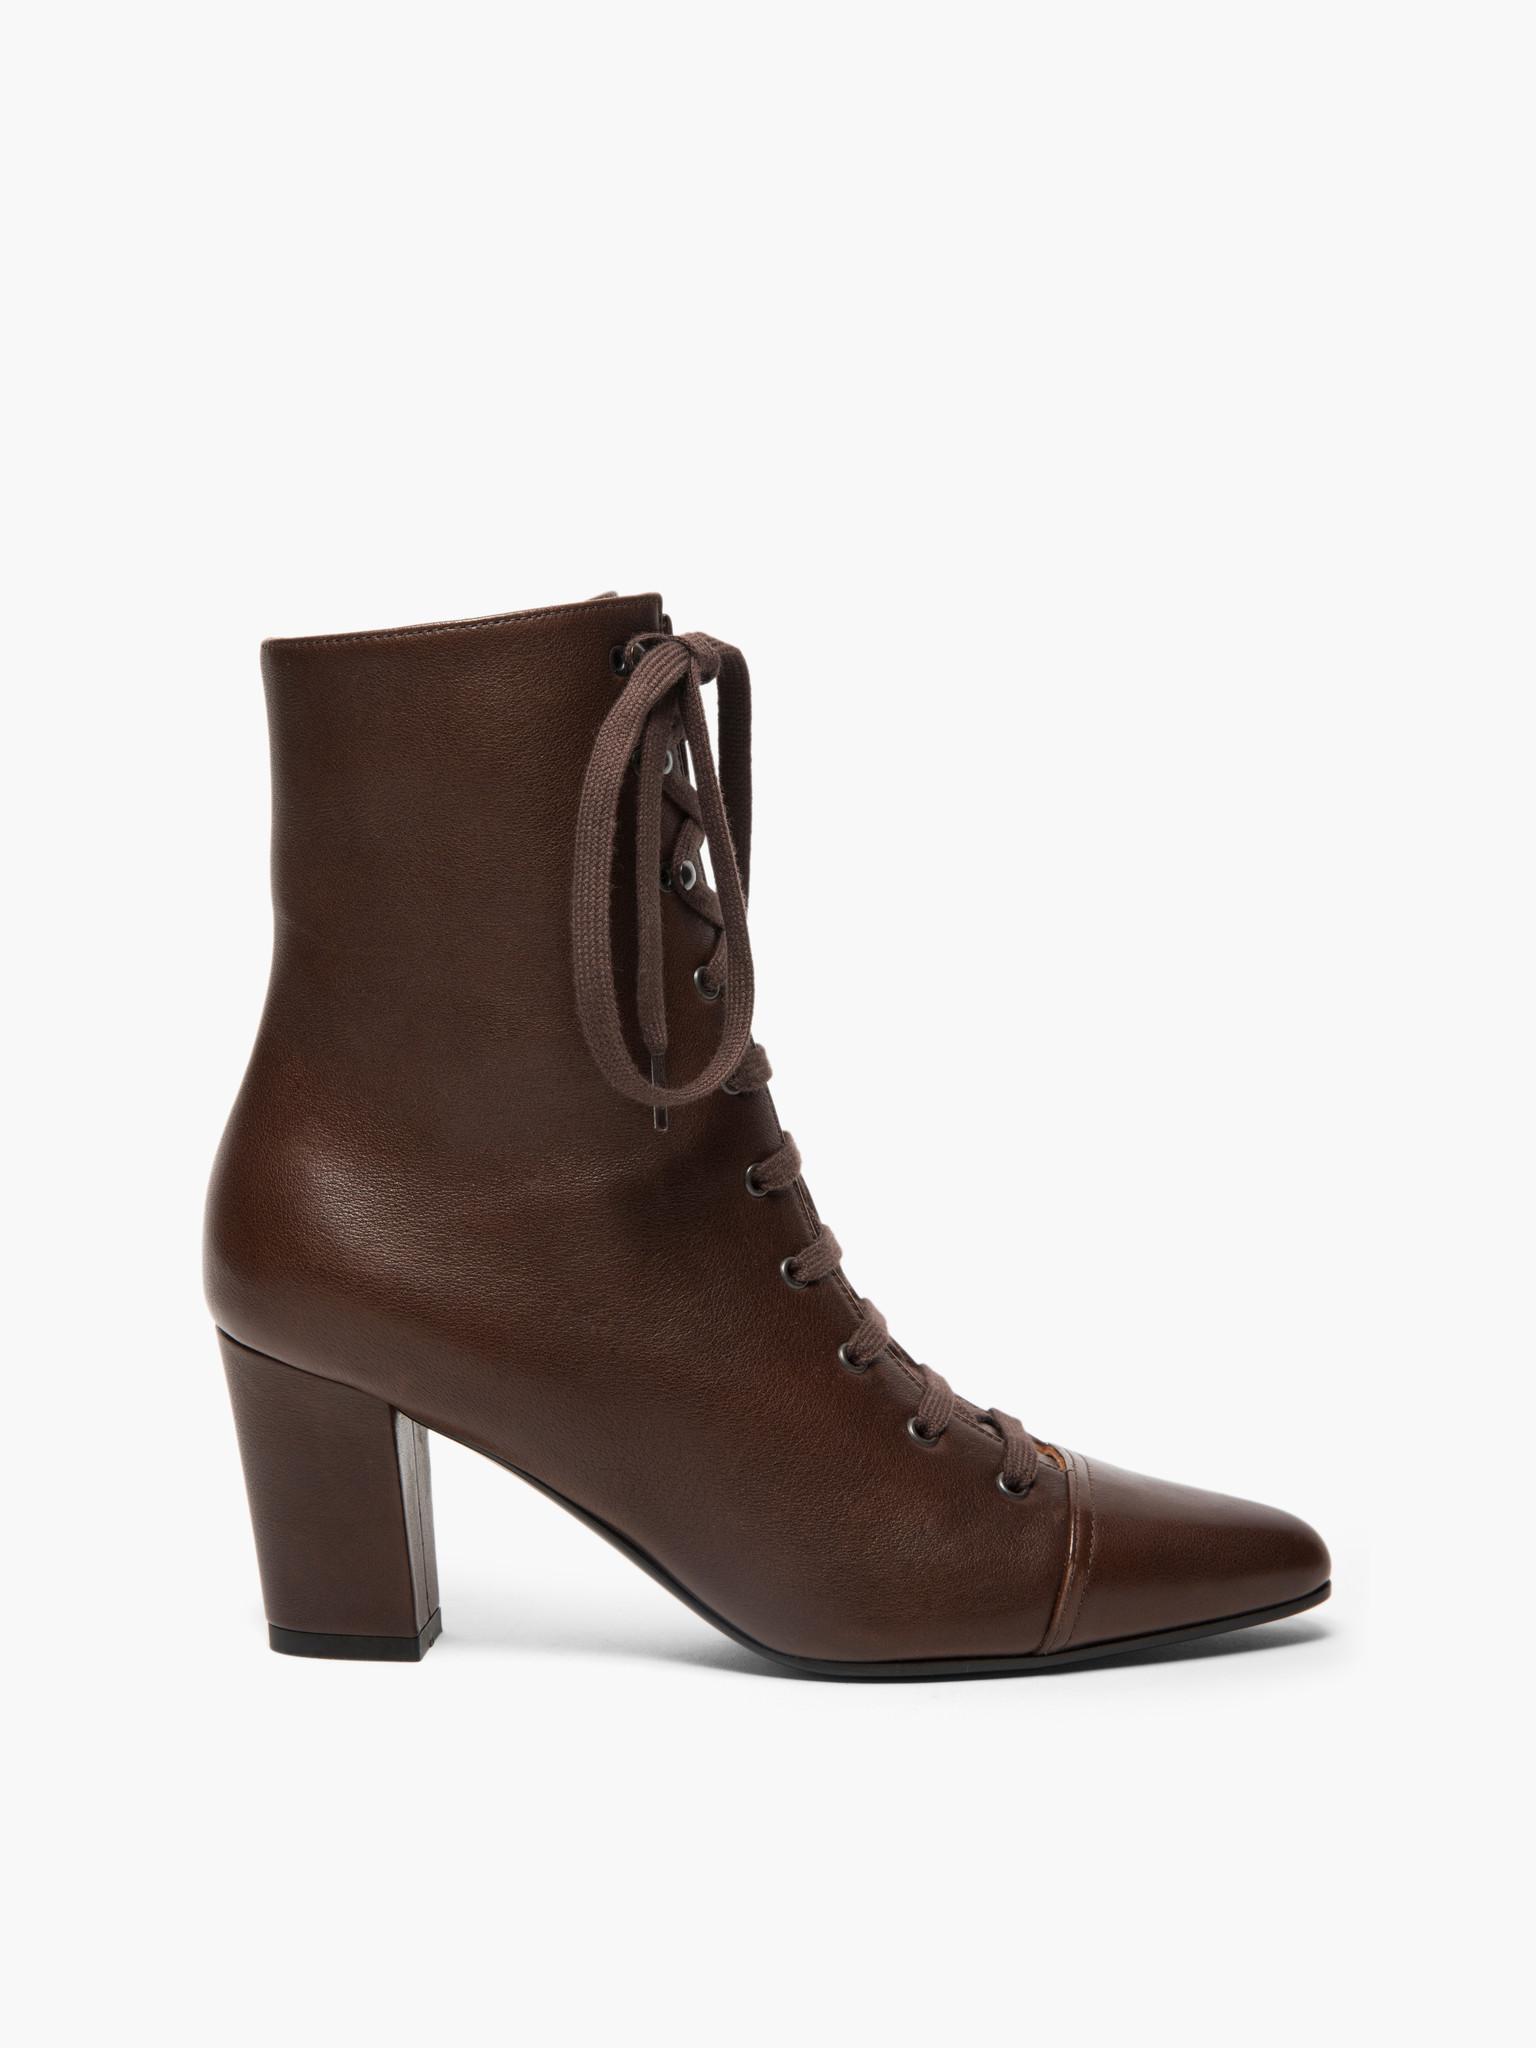 Addison boots Melanzana